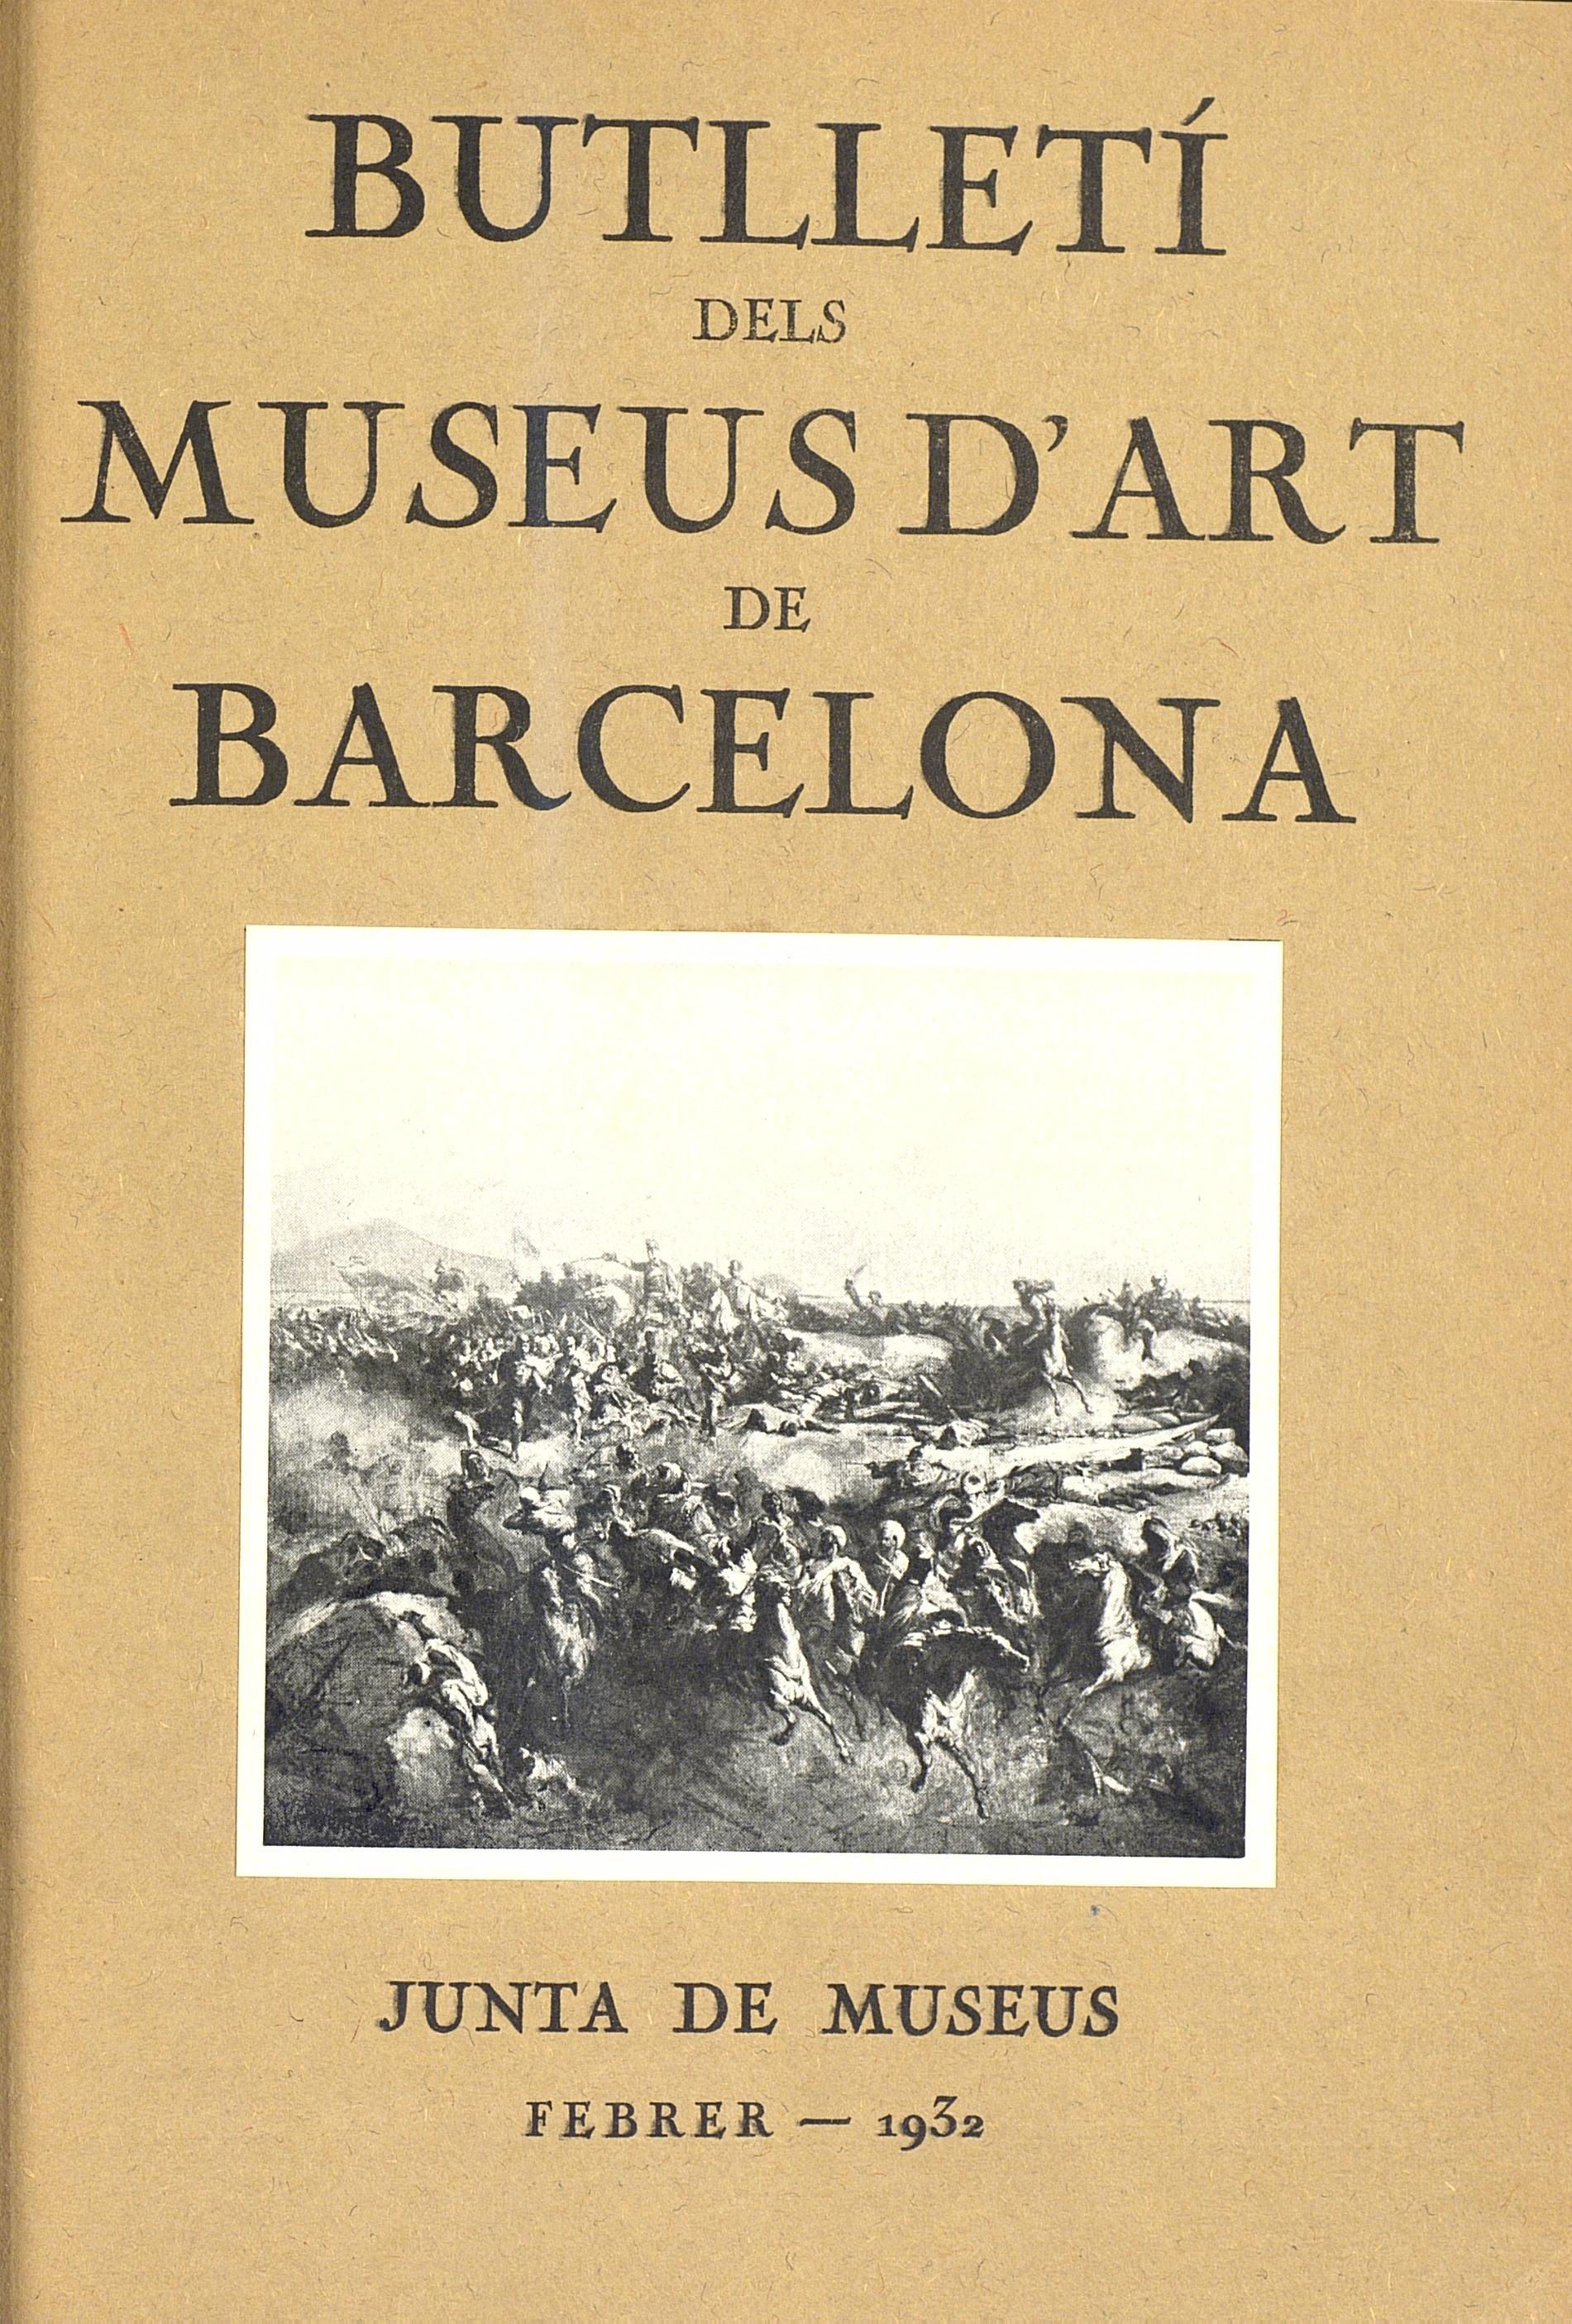 Vol. 2, núm. 9 (febrer 1932)